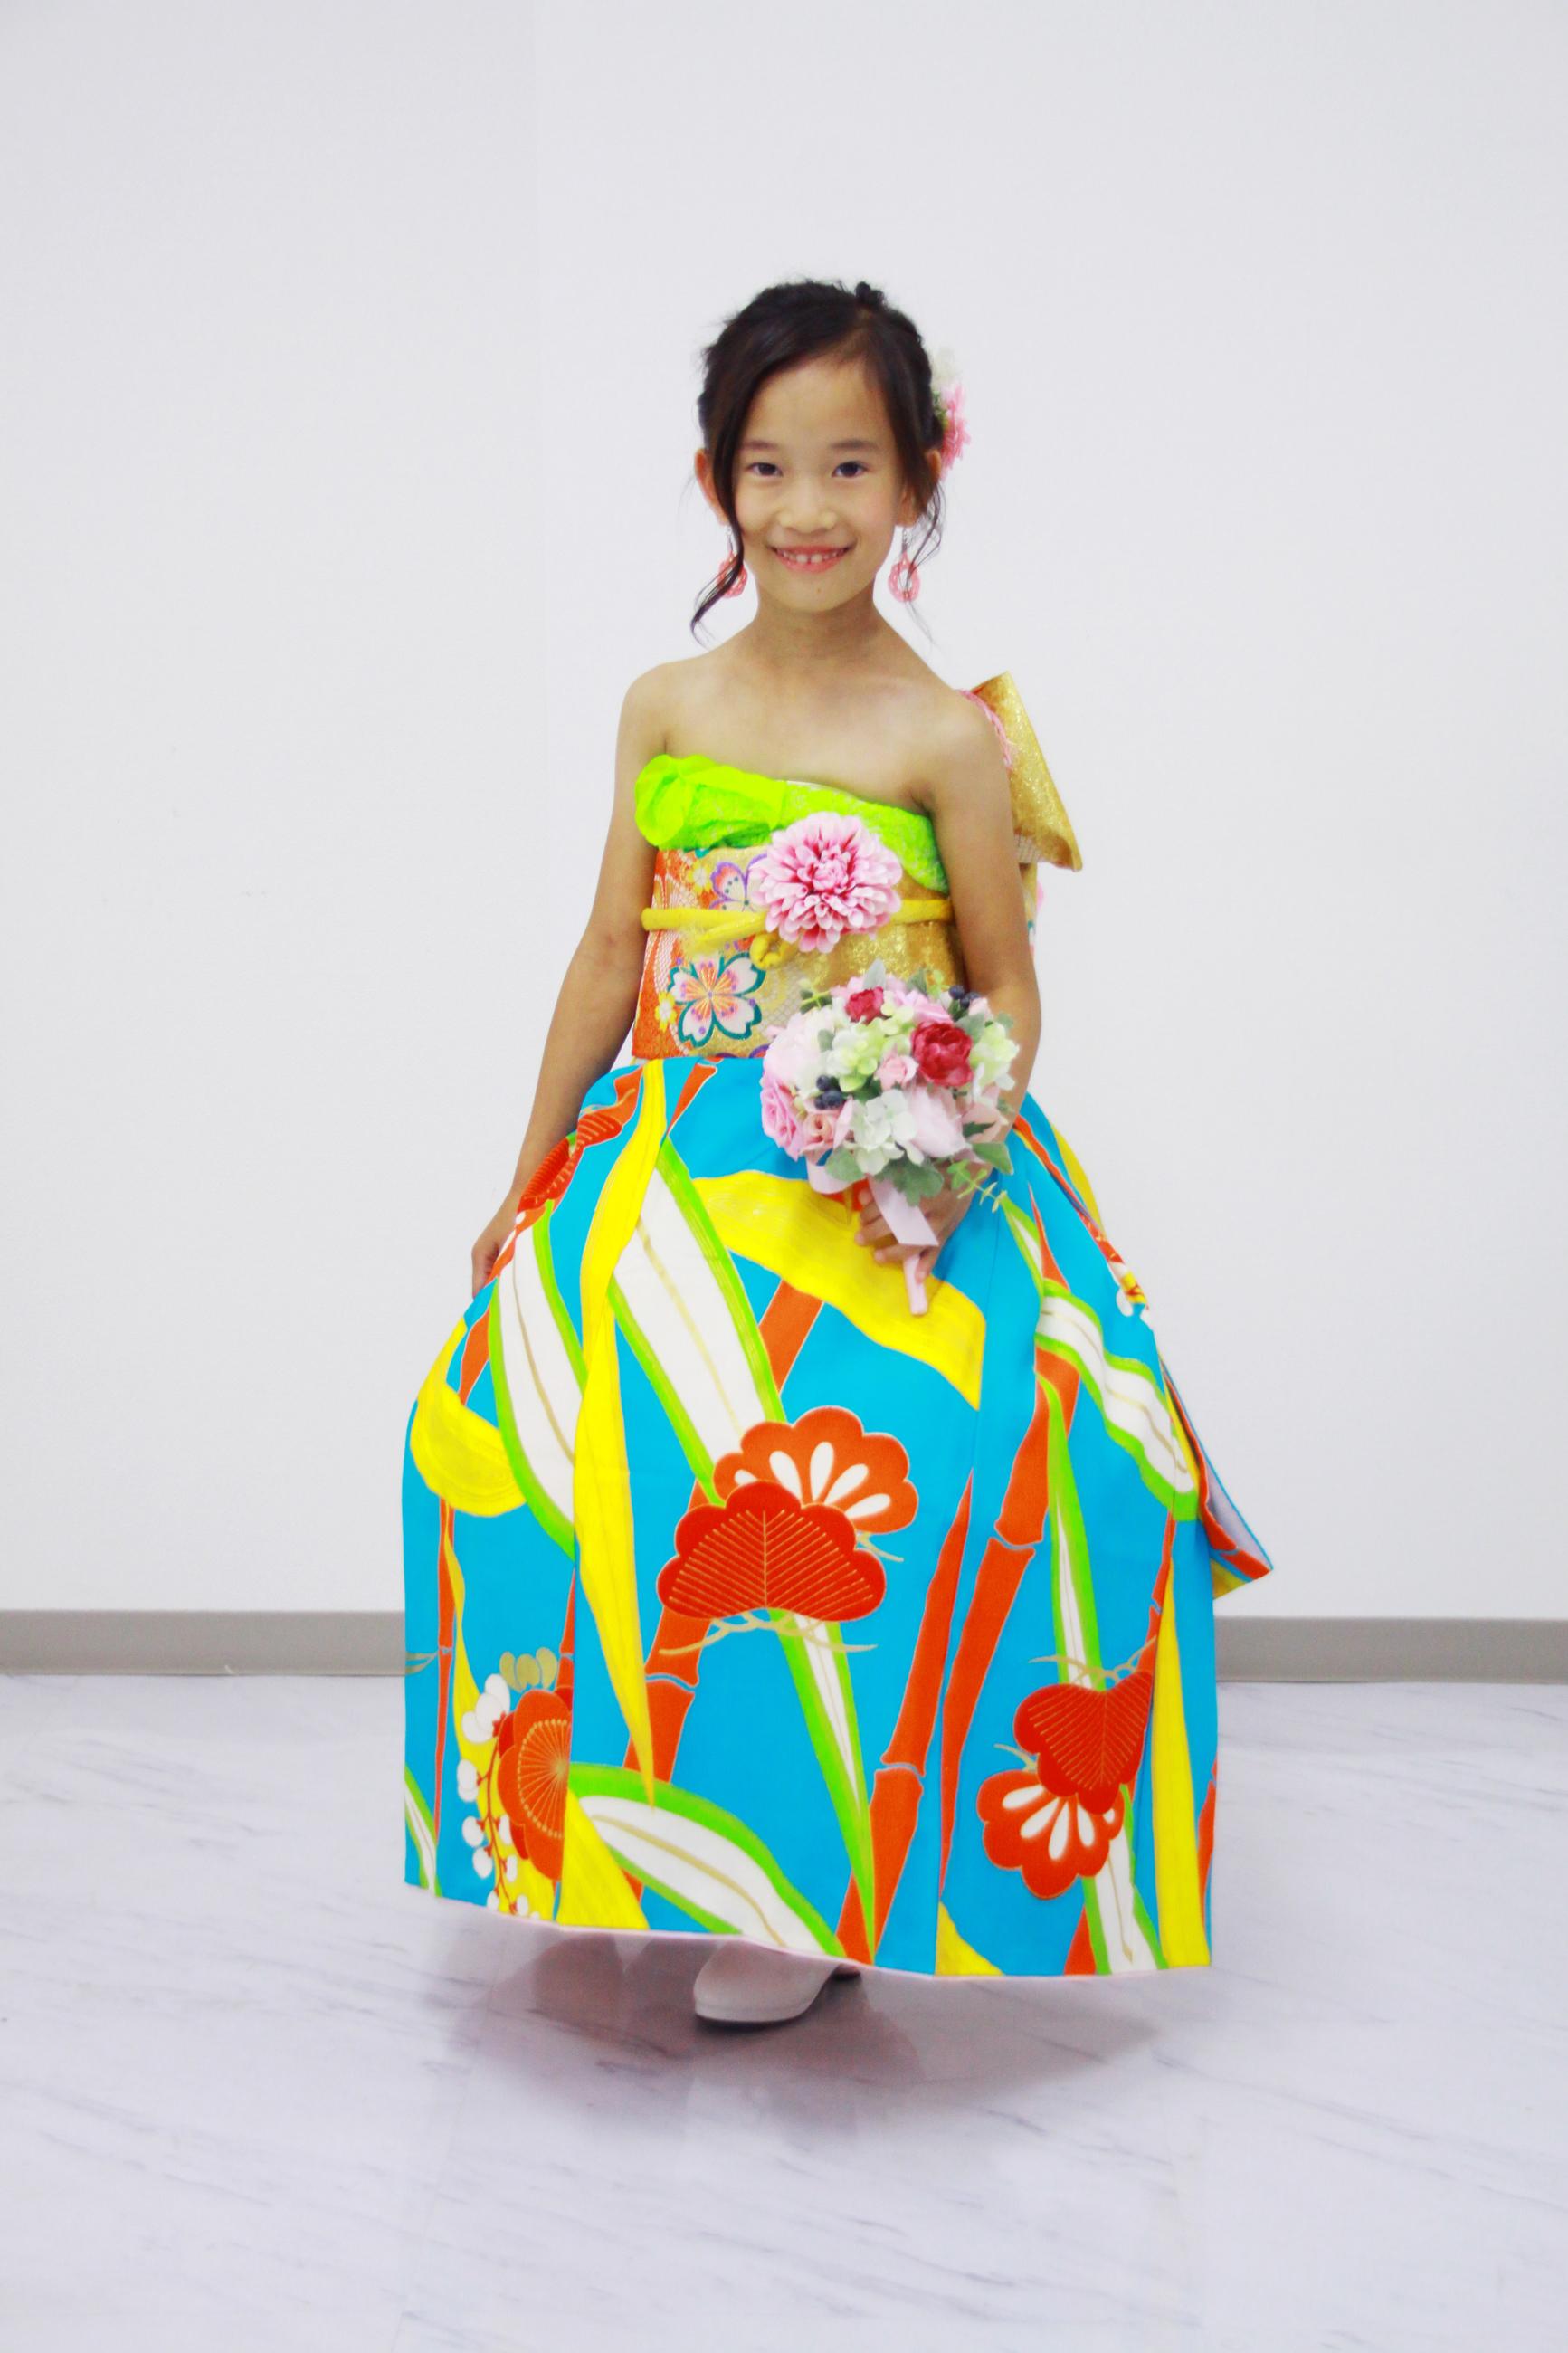 7歳のお子様 オリエンタル和装